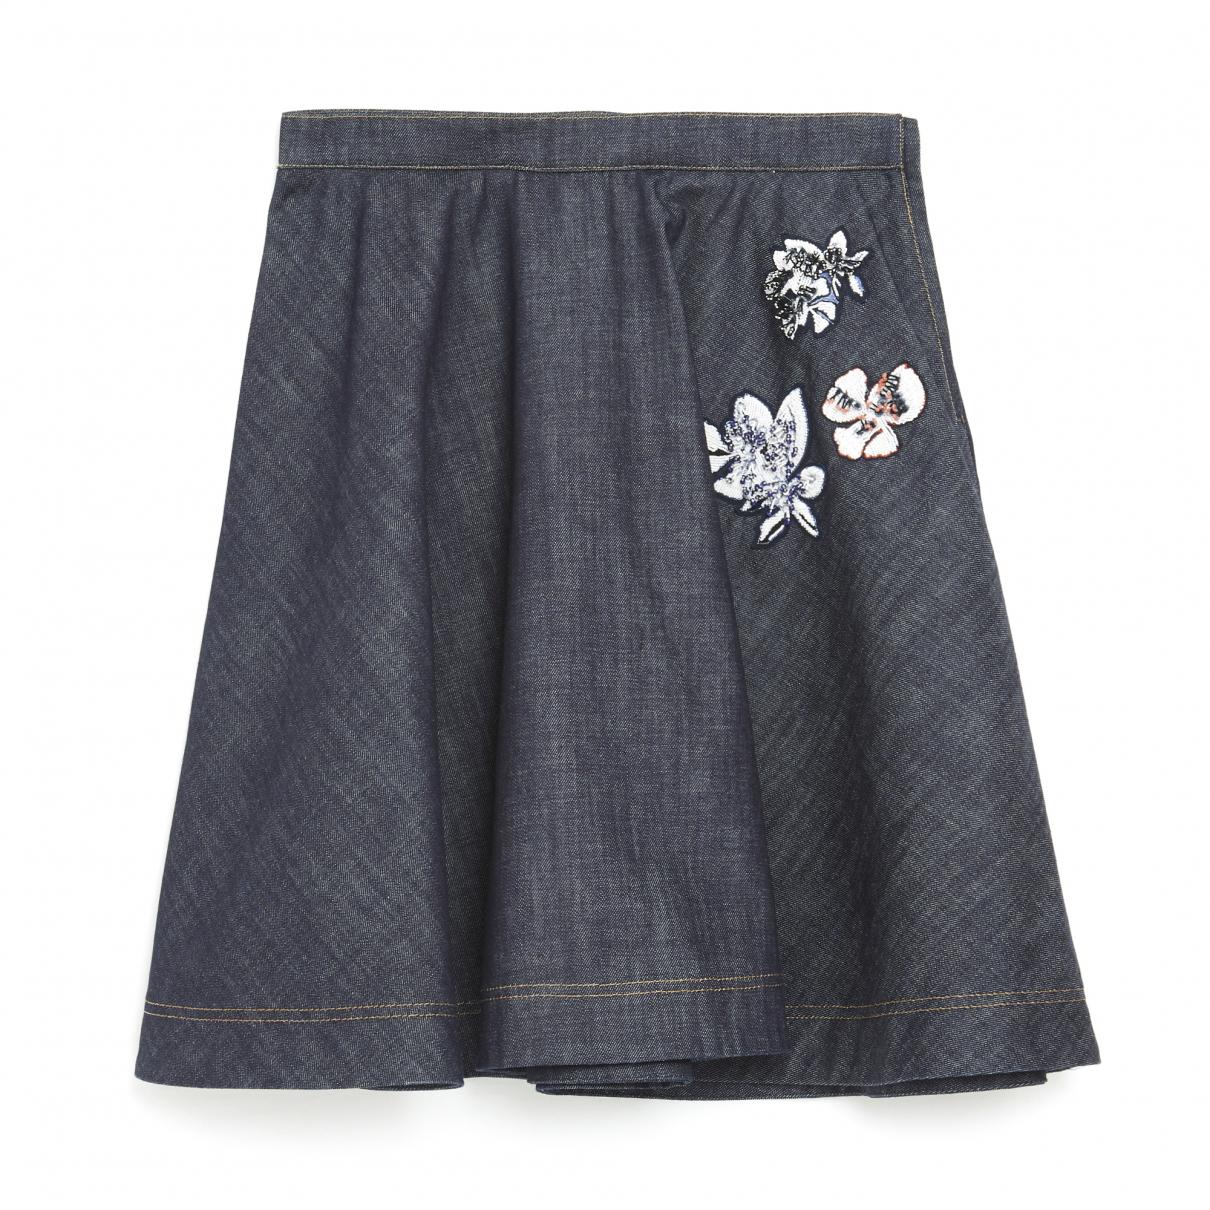 Dior \N Blue Denim - Jeans skirt for Women 40 FR